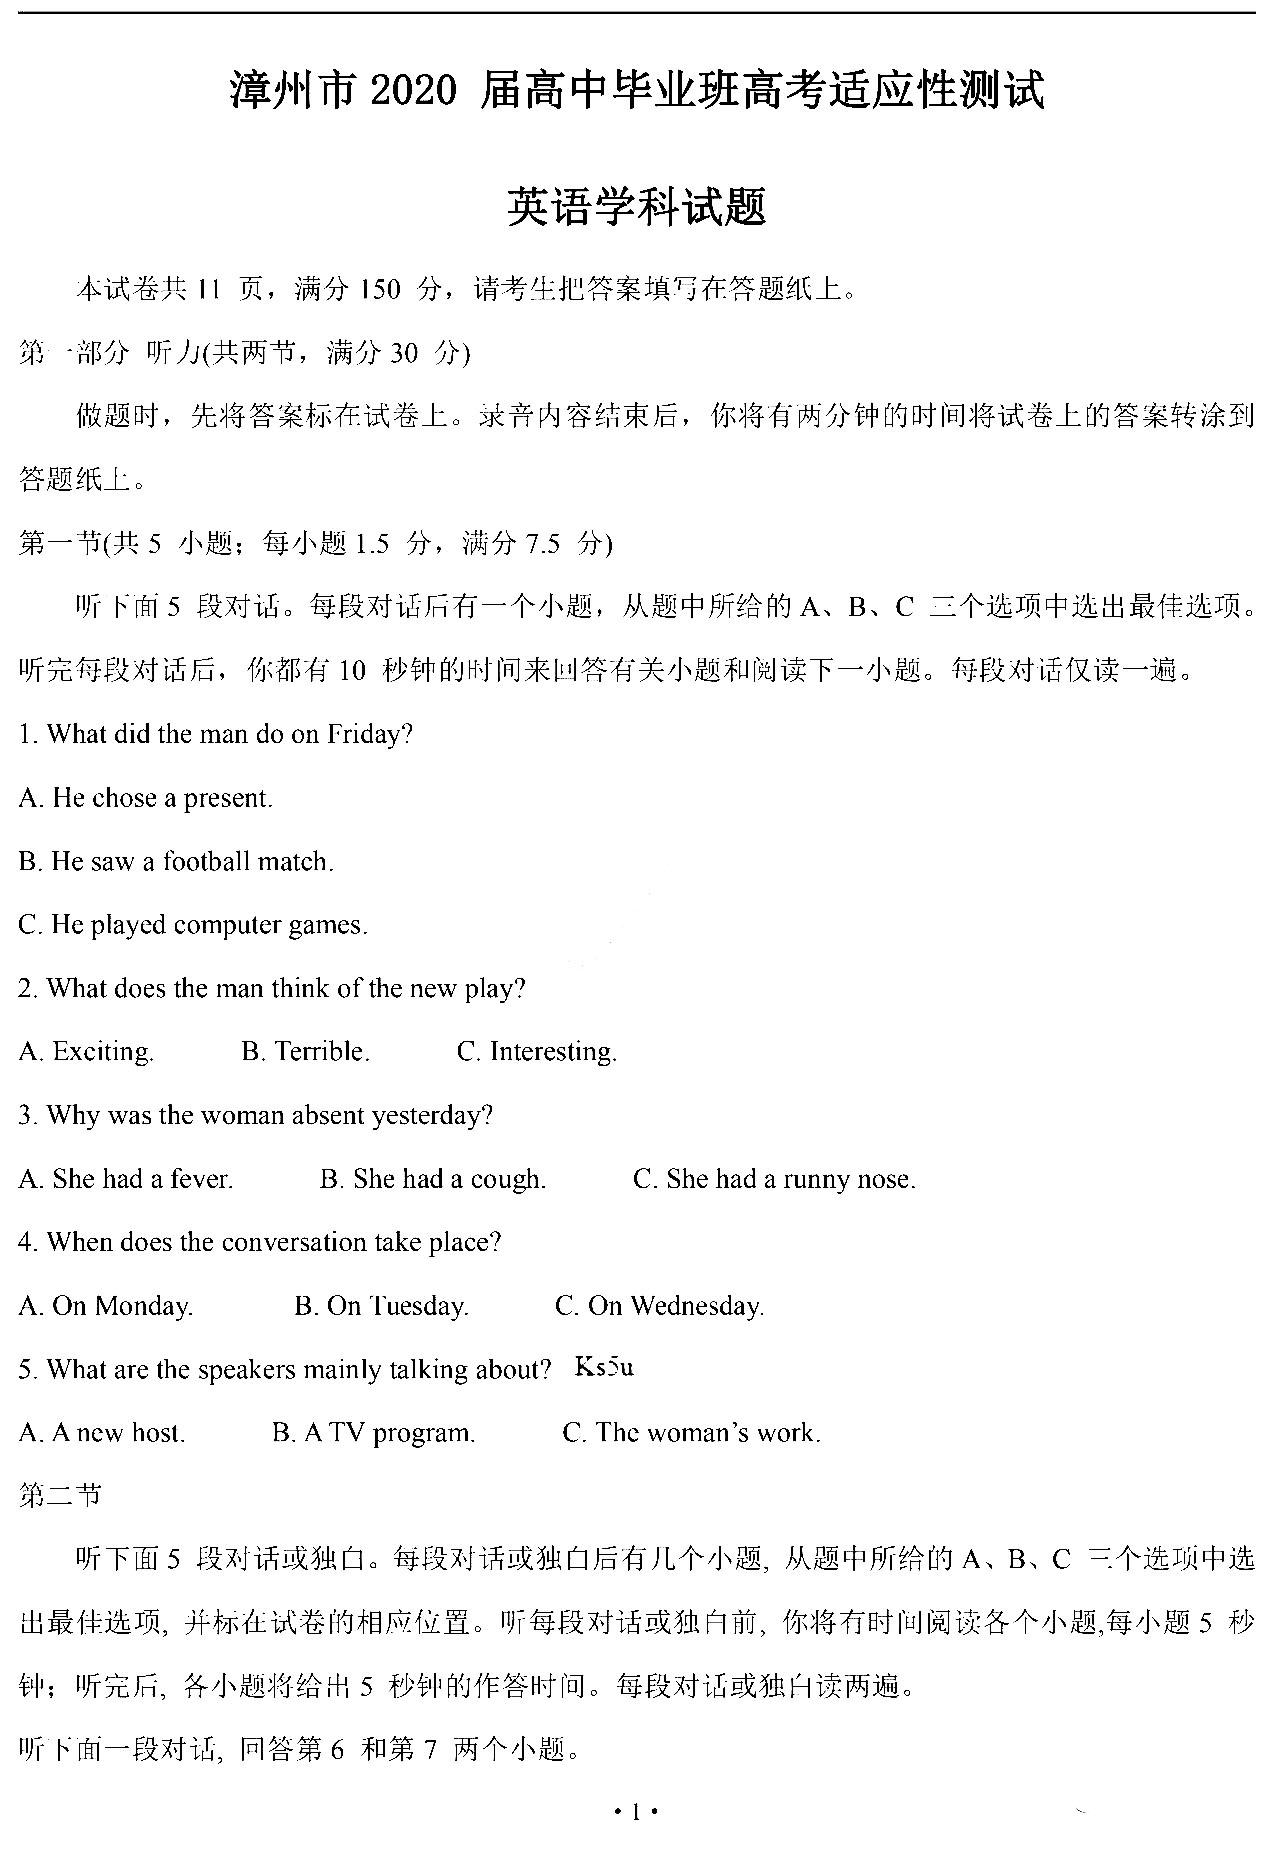 福建省2020届高三毕业班第三次教学质量检测英语试卷及答案图1